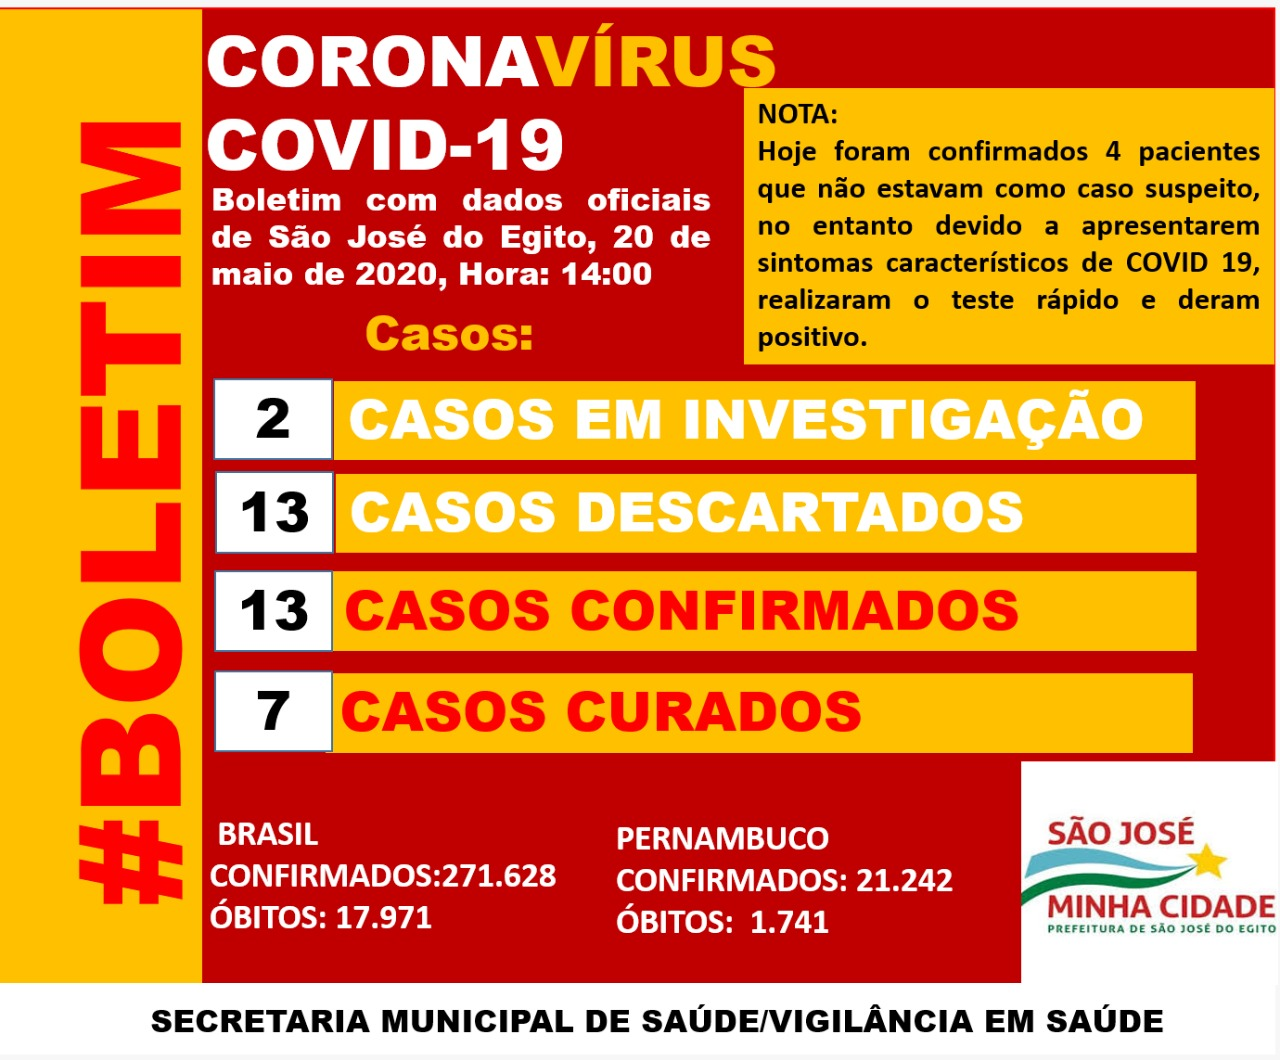 São José do Egito confirma mais 4 casos de covid-19 de uma só vez